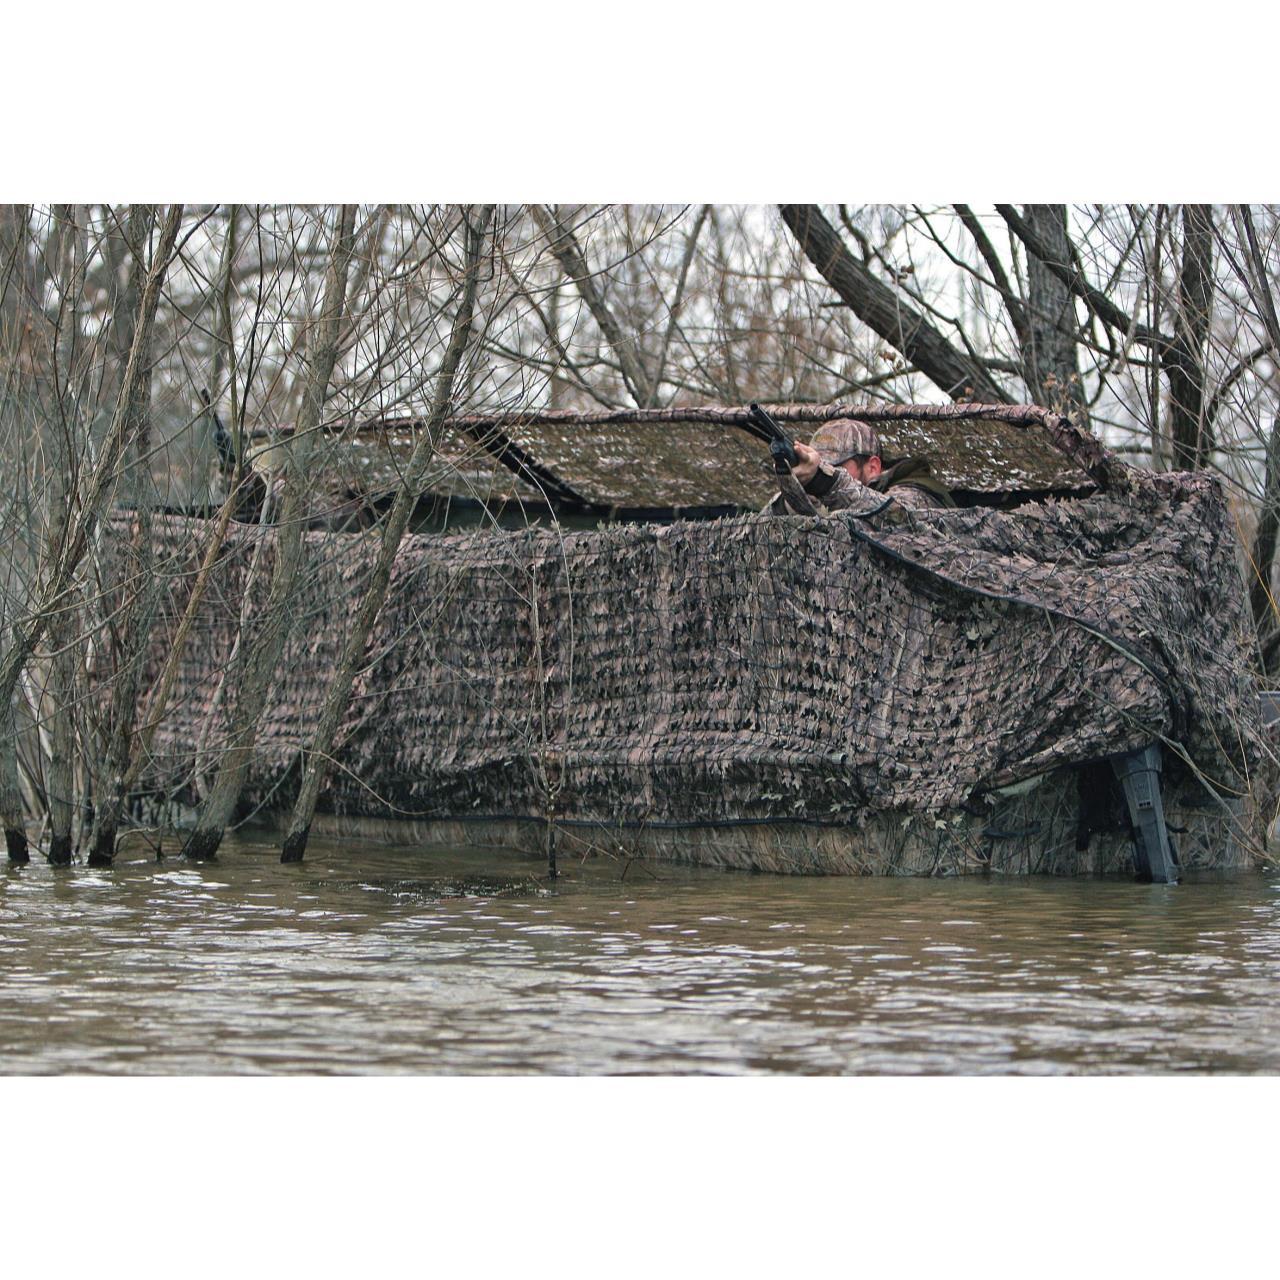 Avery Quick Set Boat Blind Kit 14 16 Bottomland